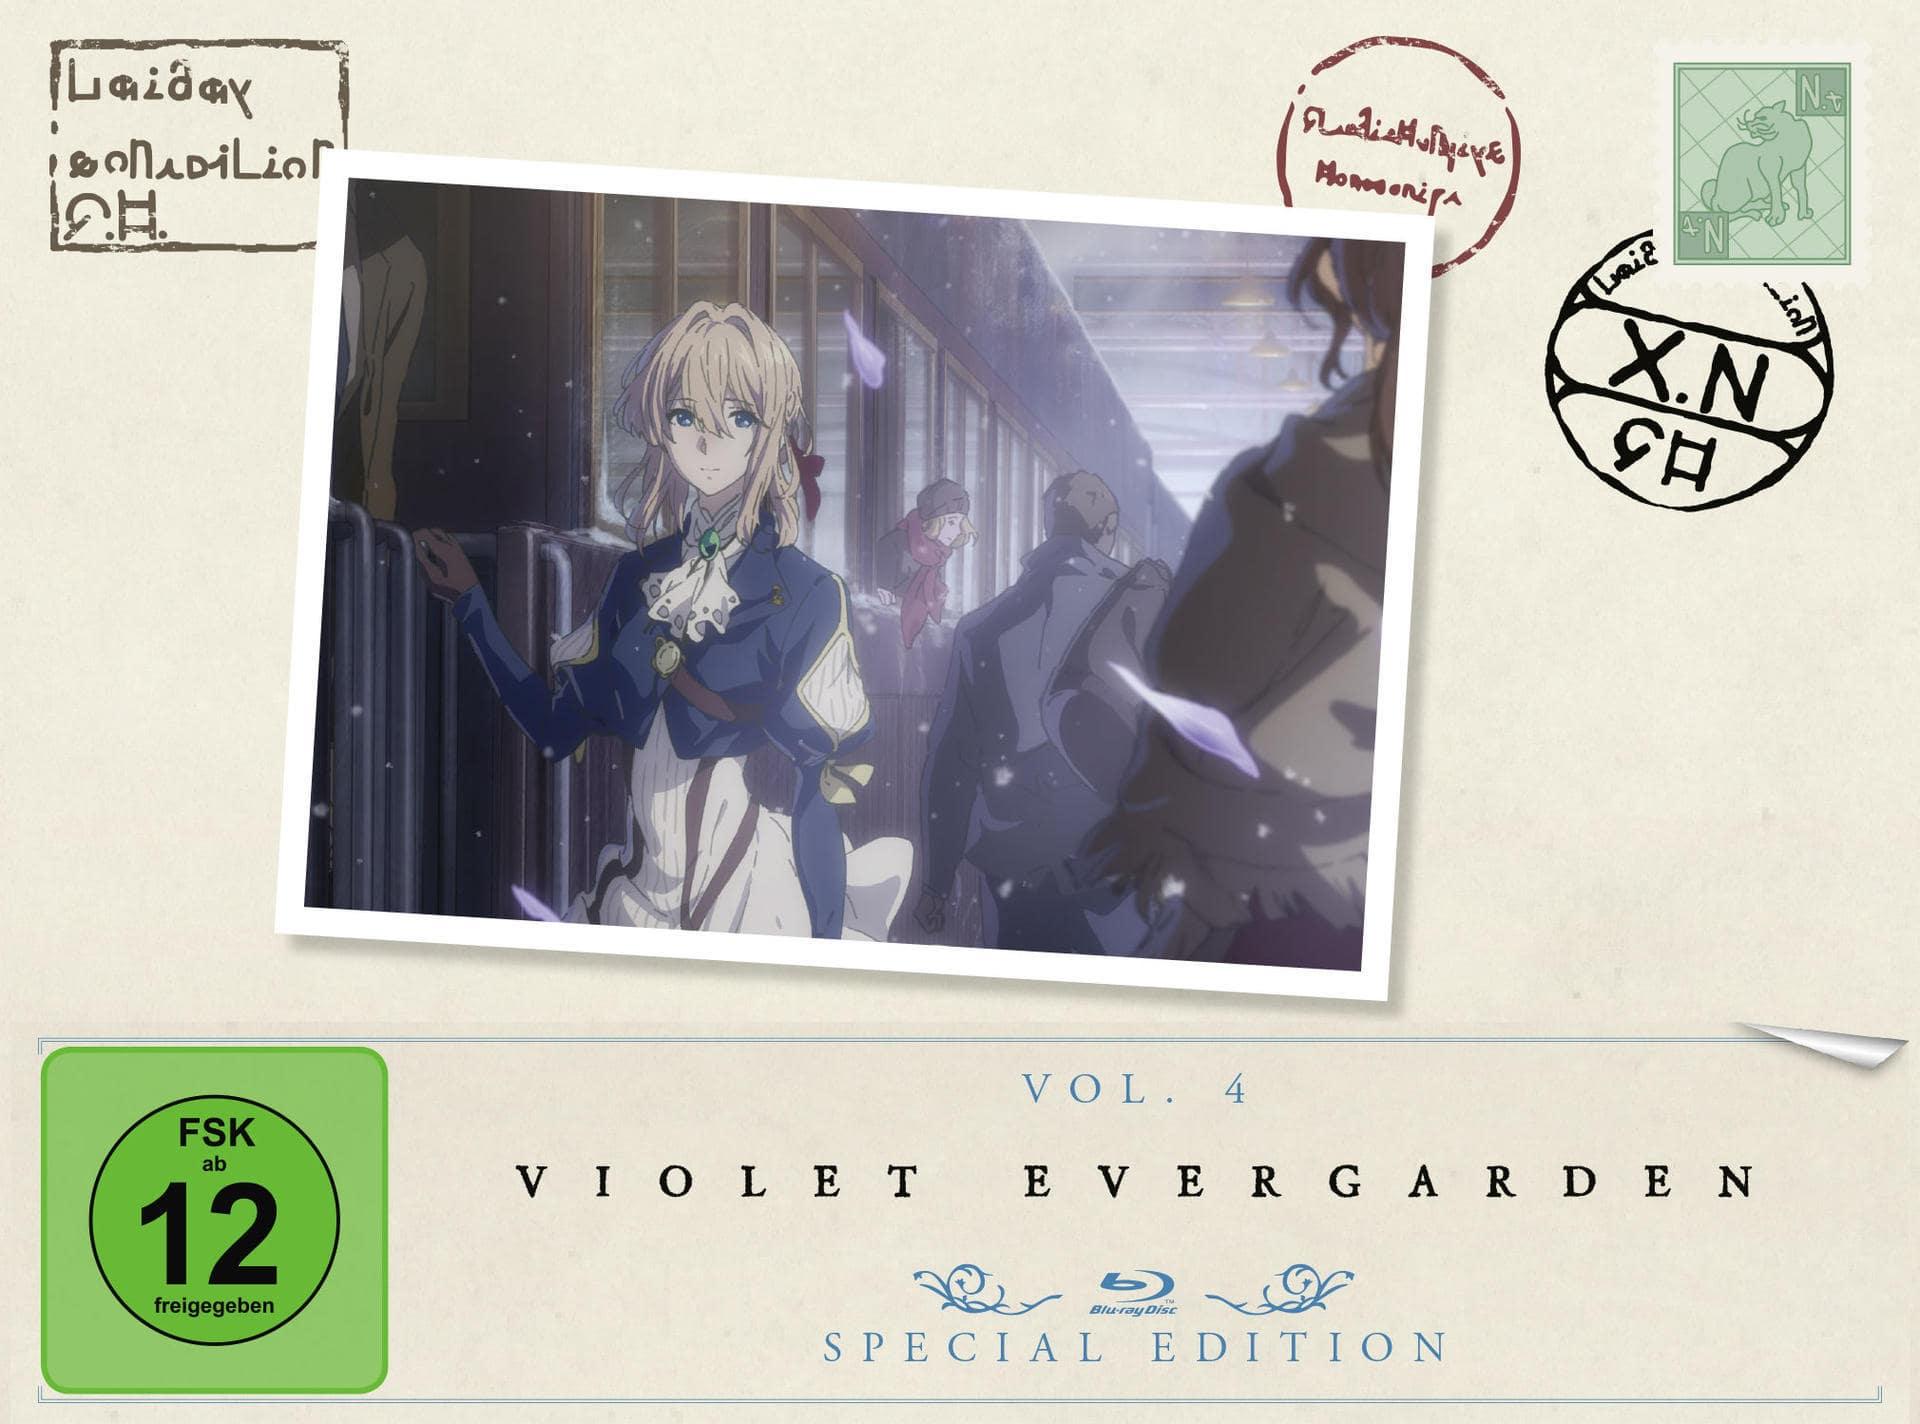 Violet Evergarden - St. 1 - Vol. 4 Limited Special Edition (BLU-RAY) für 36,99 Euro